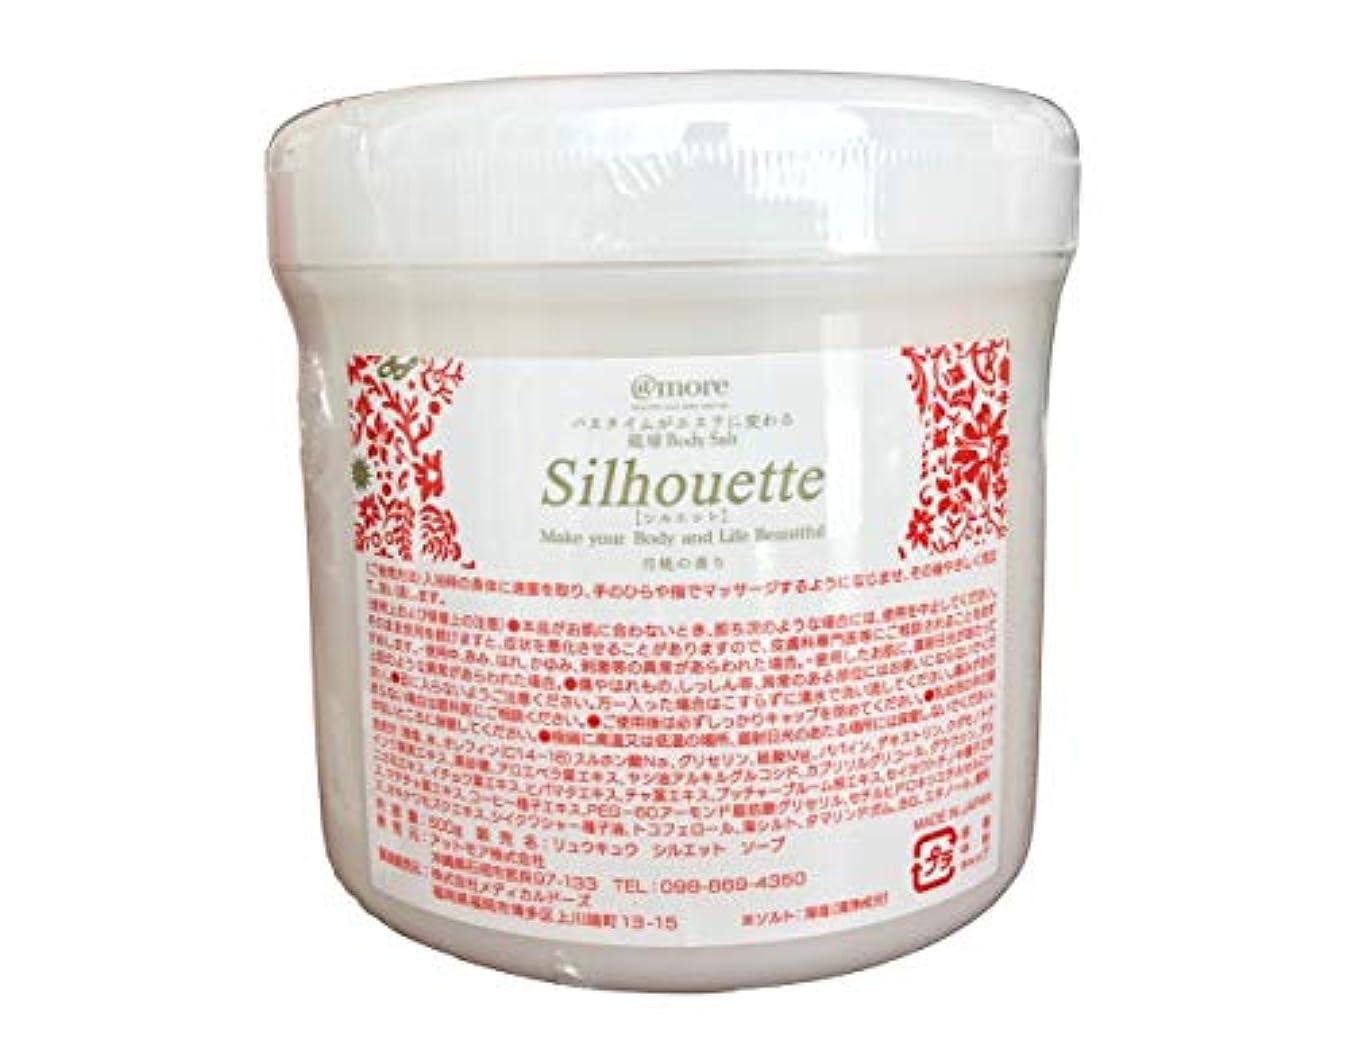 テレマコス文明化する死にかけている月桃の香り 琉球シルエット ソルトソープ 500g 業務用